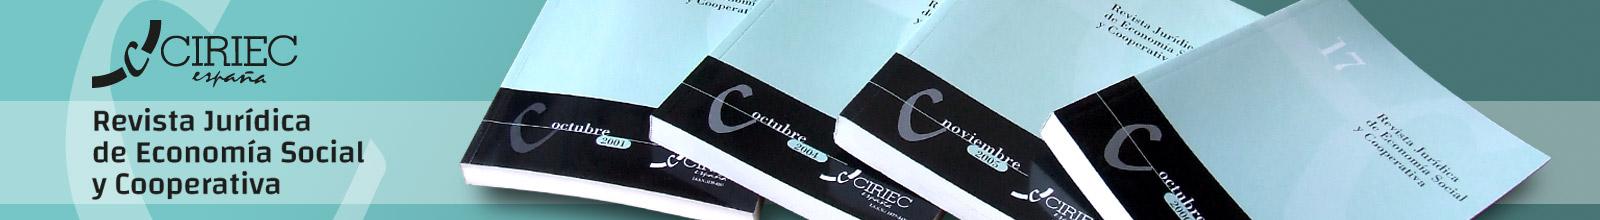 CIRIEC-España, revista de jurídica economía social y cooperativa